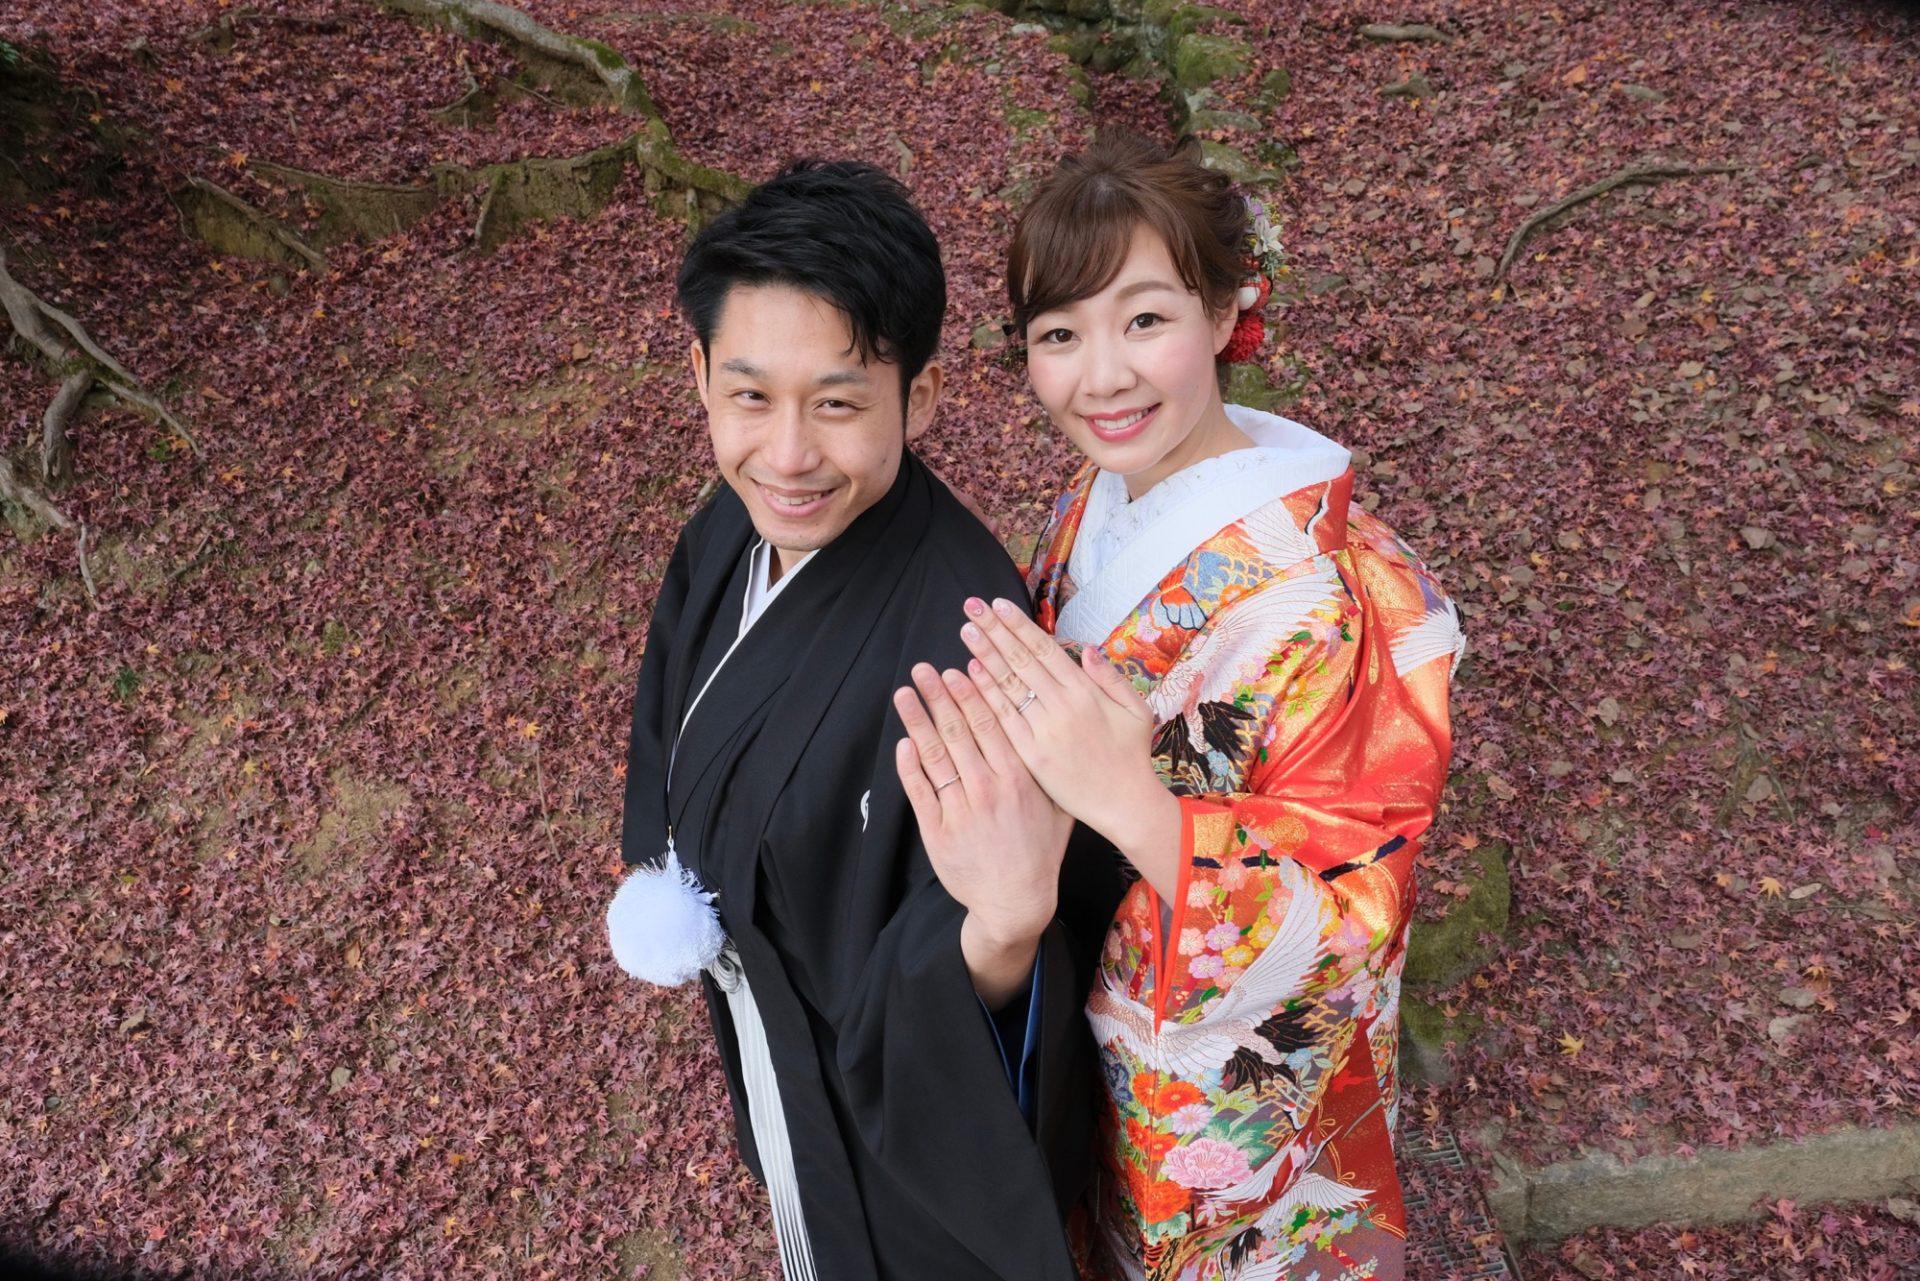 奈良の紅葉で結婚式の和装前撮り写真